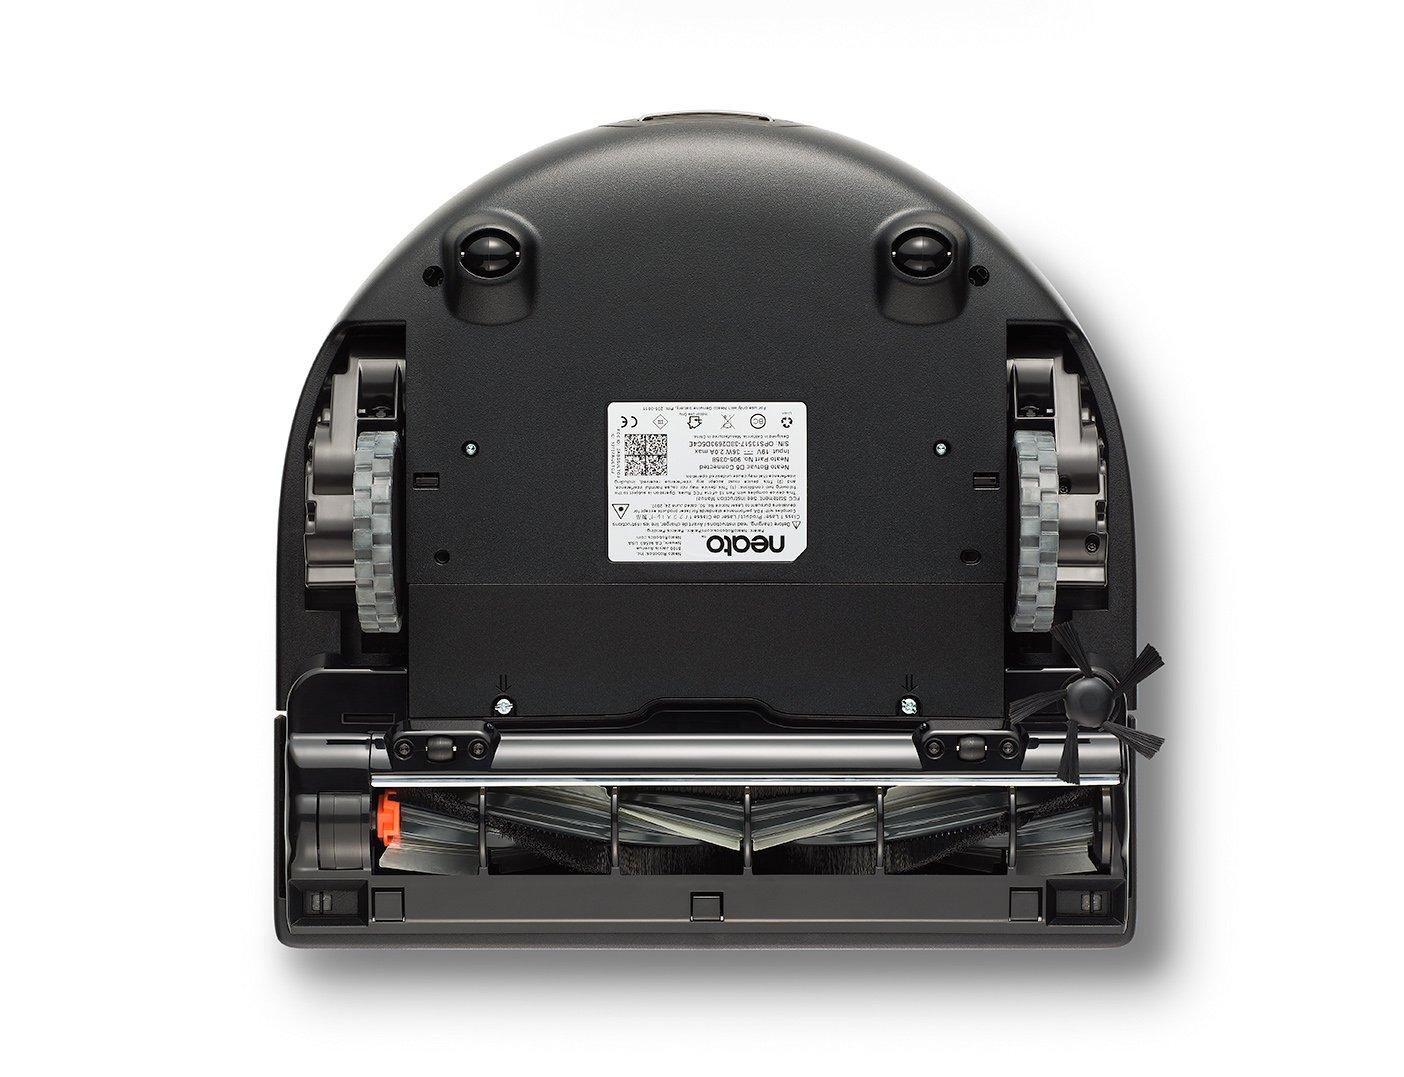 Le Neato Botvac D7 Connecté, vue de dessous